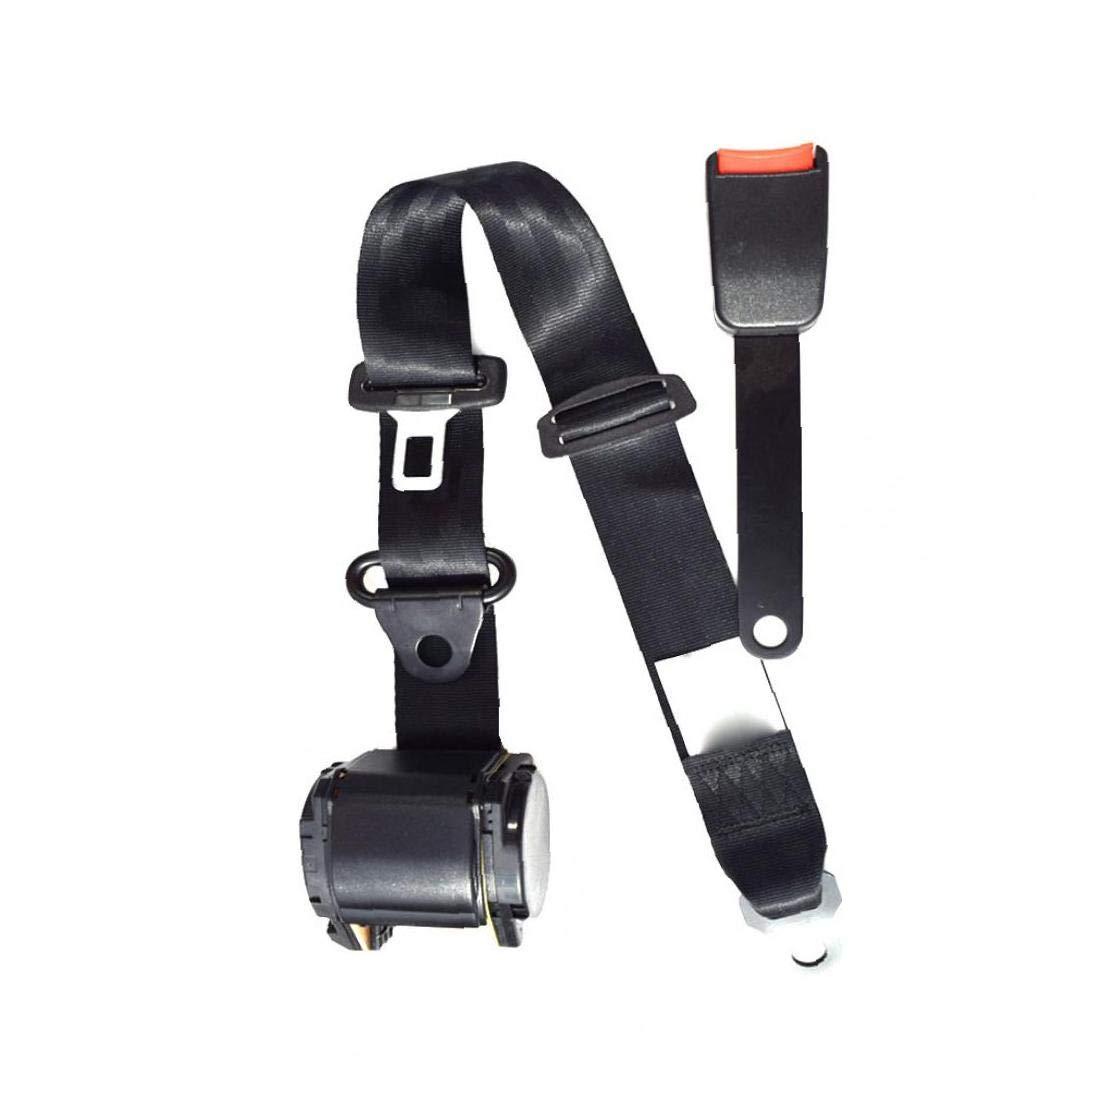 3 Punto De Asiento Ajustable Kit De Seguridad del Cintur/ón De Seguridad del Arn/és del Cintur/ón del Regazo Coches Universales Veh/ículos 1Ponga